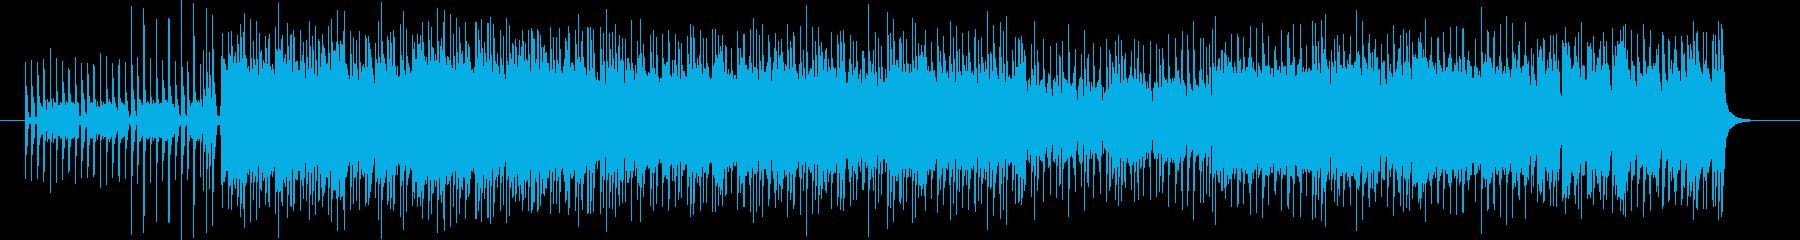 ピアノを使ったゲームのBGMの再生済みの波形